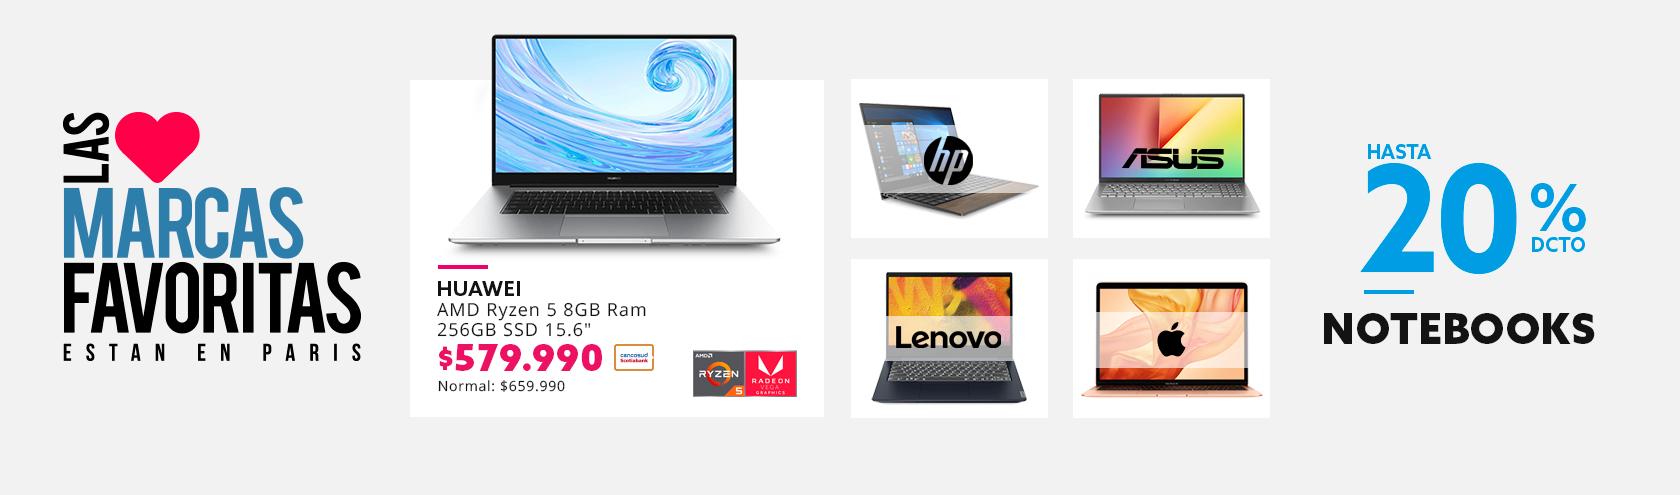 Hasta 20% de descuento con tarjeta cencosud en computadores grandes marcas